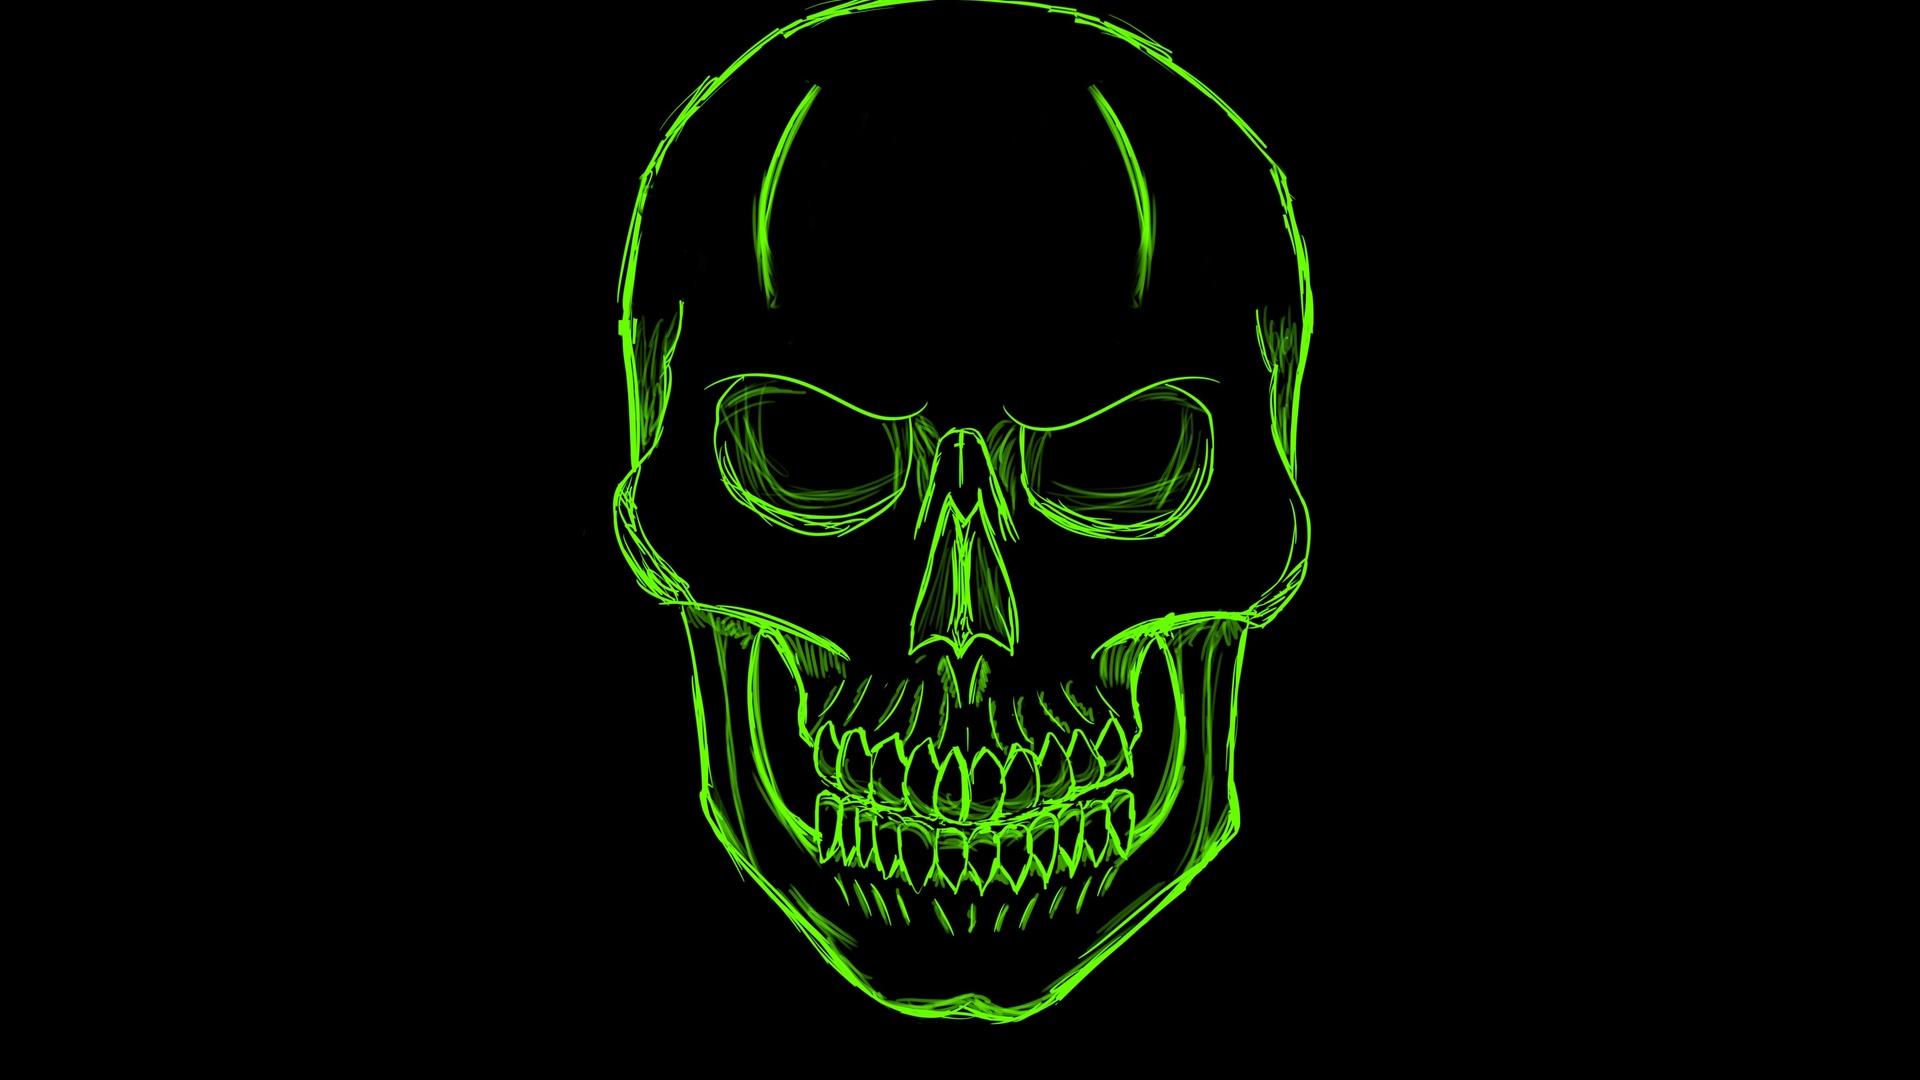 1920x1080 Dark Green Skull Minimalism Art Laptop Full HD ...